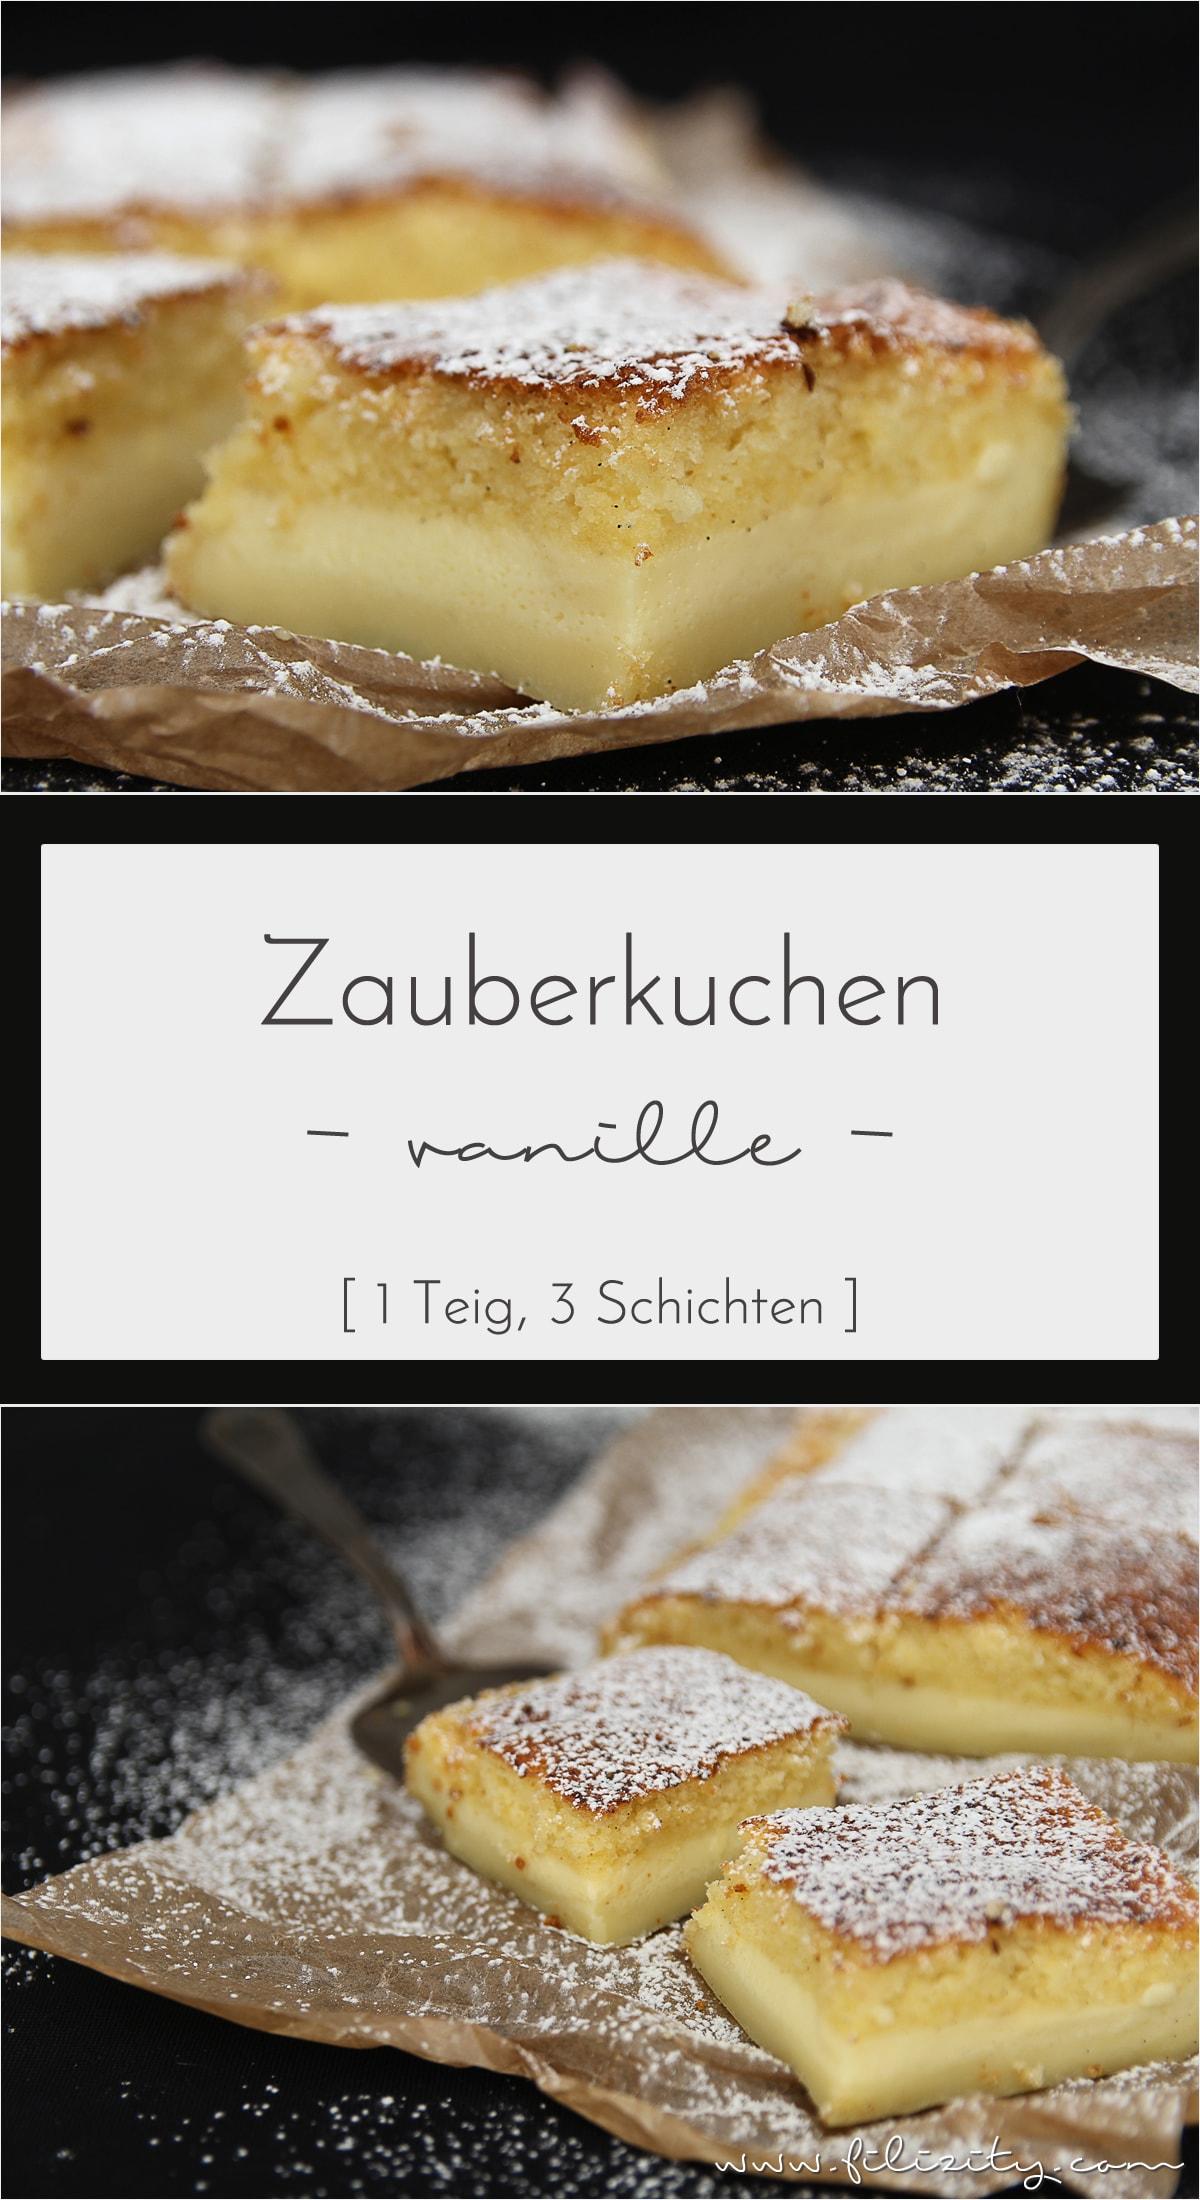 1 Teig, 3 Schichten - Vanille-Zauberkuchen